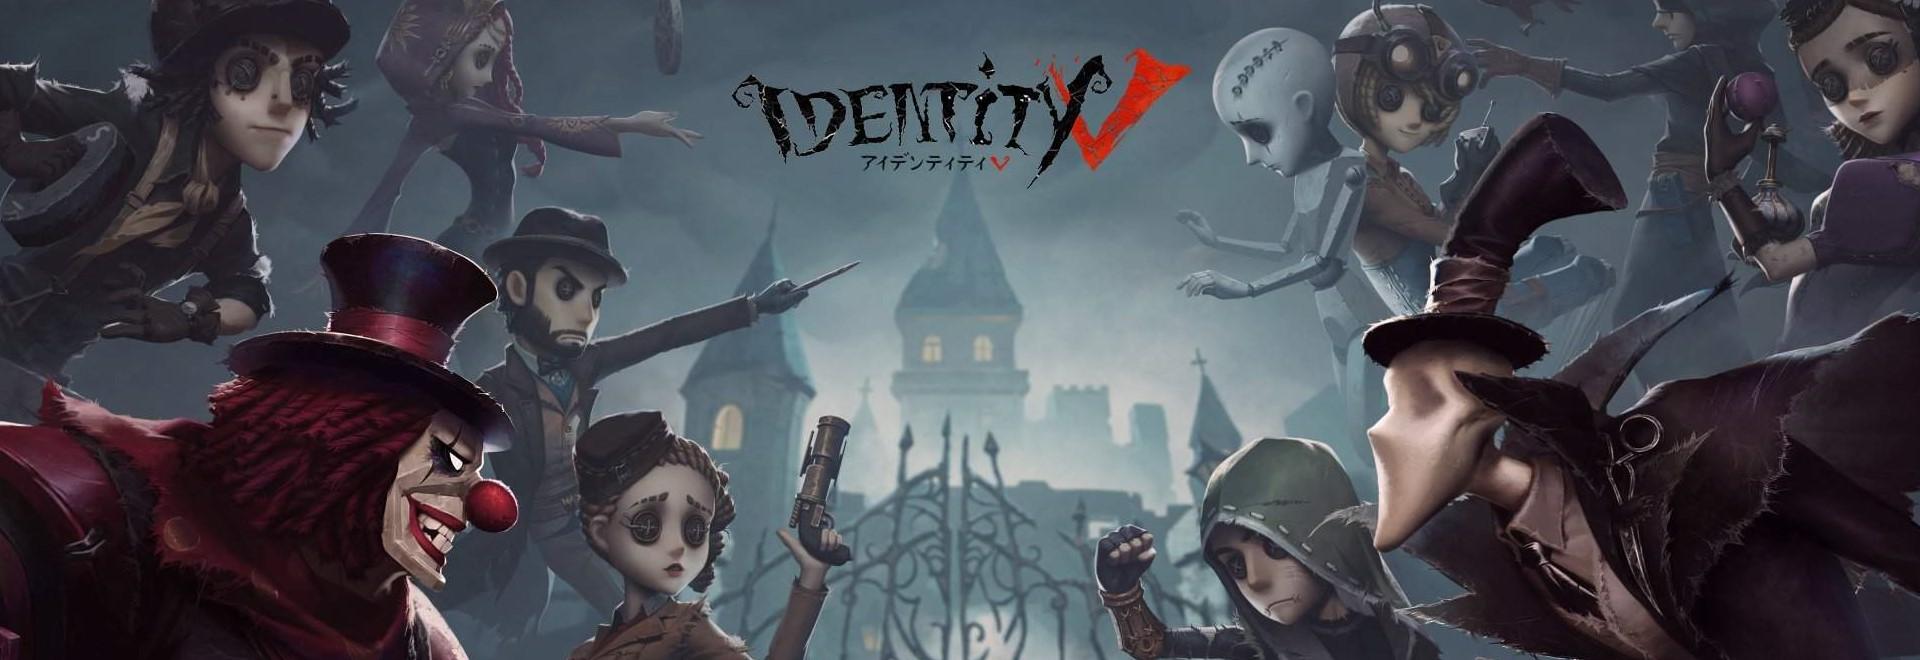 Identity V(第五人格)